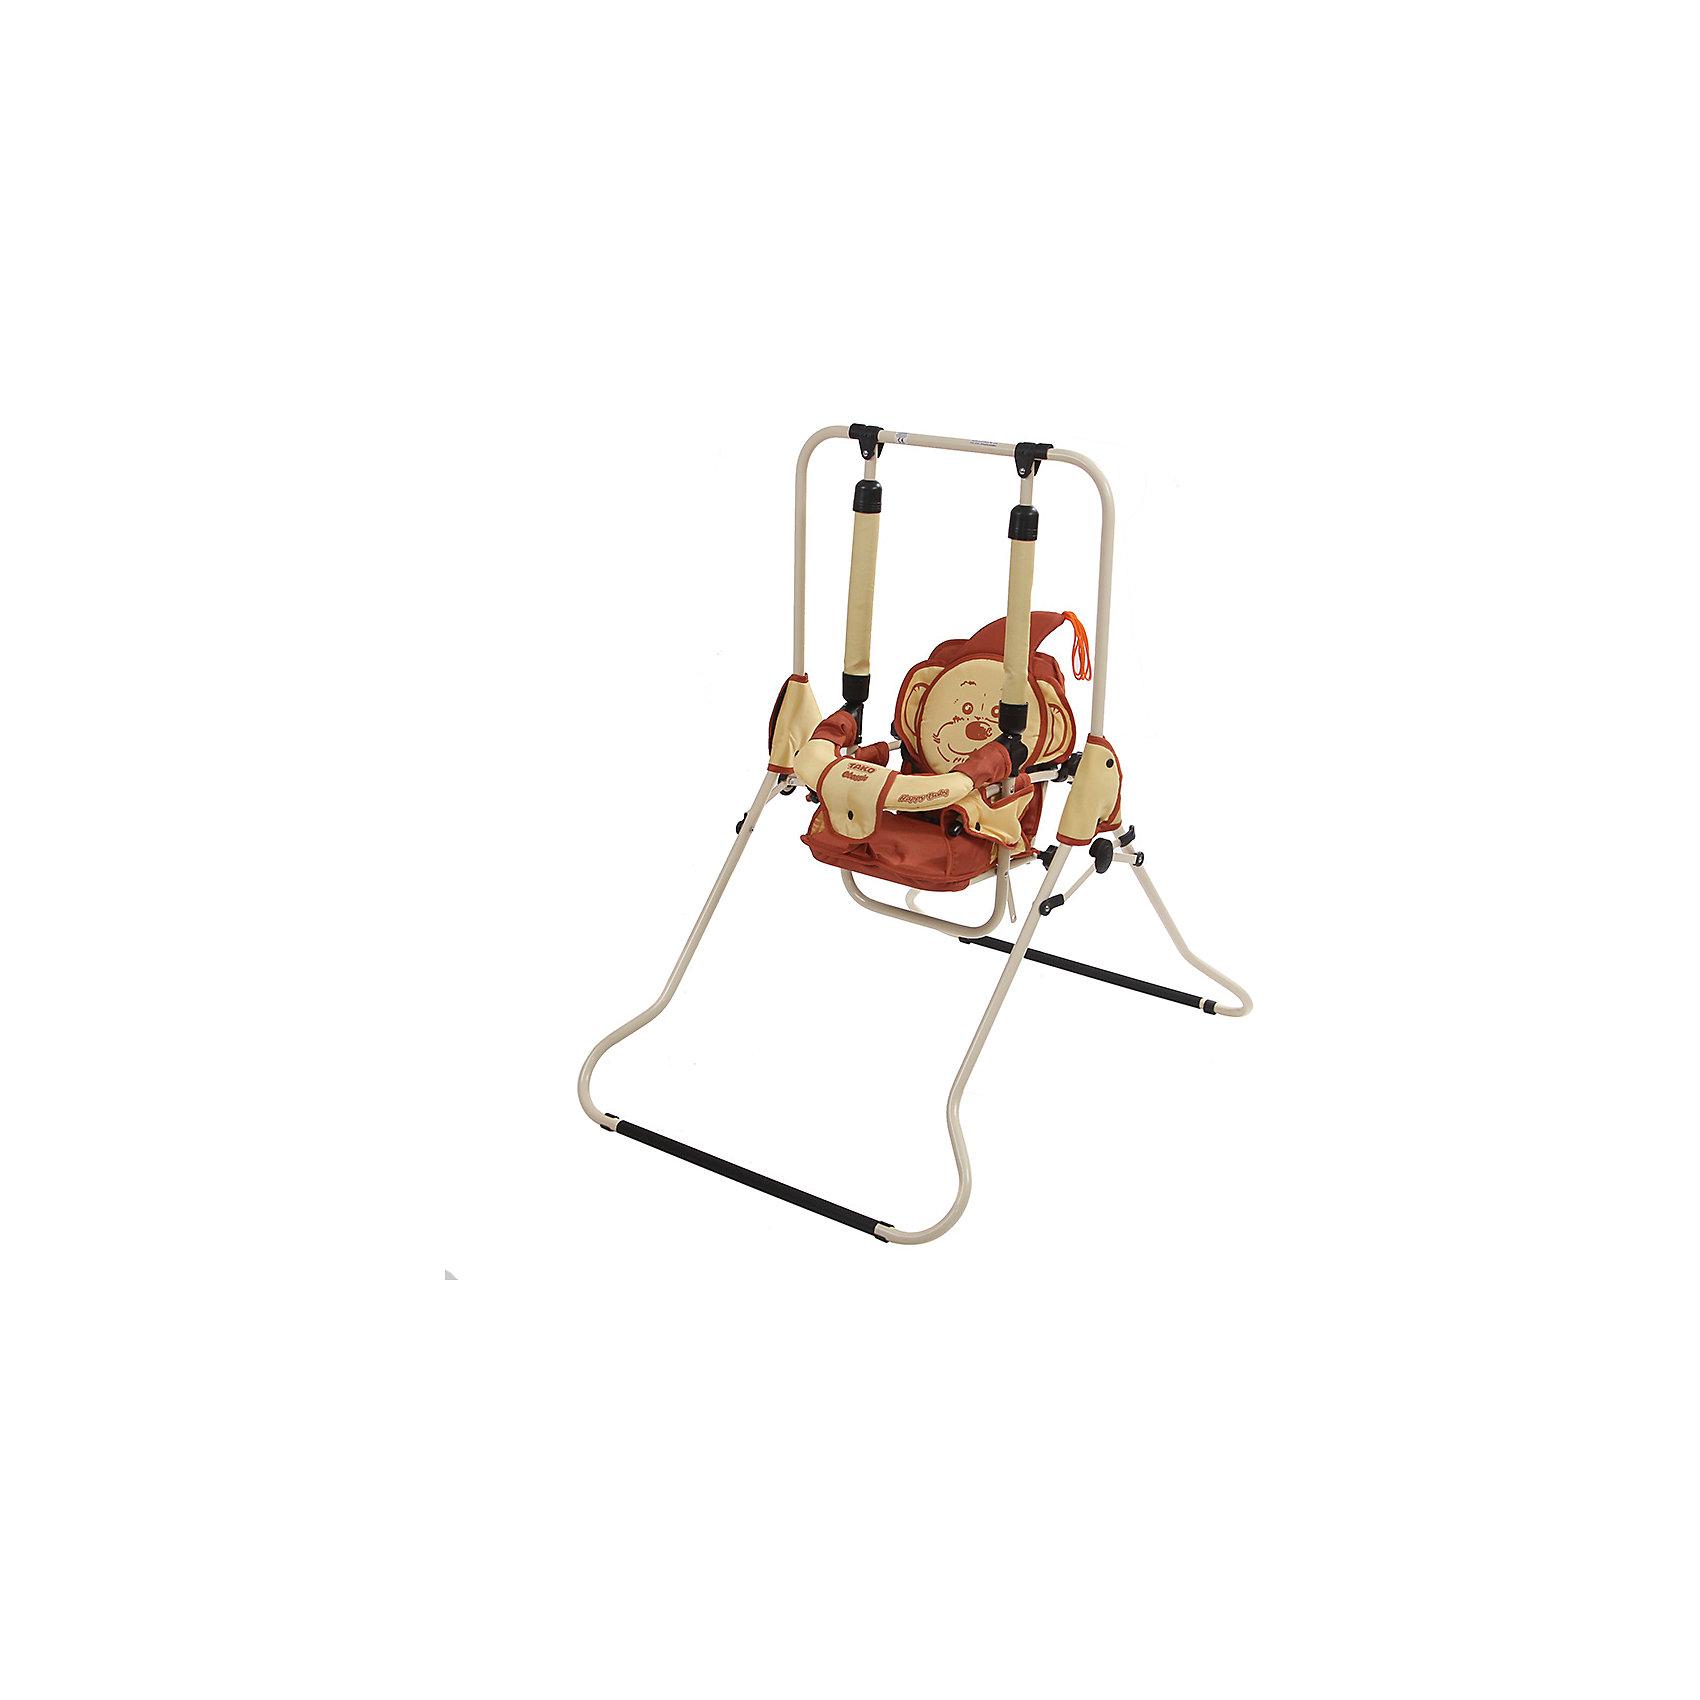 Качели напольные CLASSIC 20, ТАКО, оранжевый/серыйКачели напольные и подвесные<br>Характеристики товара:<br><br>• возраст: от 1 года до 6 лет;<br>• максимальная нагрузка: 25 кг;<br>• материал: пластик, металл;<br>• высота от сидения до пола: 45 см;<br>• размер качелей в разложенном виде: 107х105х62 см;<br>• размер в сложенном виде: 127х62х20 см;<br>• размер упаковки: 128х76х20 см;<br>• вес упаковки: 7,1 кг;<br>• страна производитель: Польша.<br><br>Качели напольные Tako HBU Classic 20 станут помощником молодых родителей в уходе за ребенком. Покачав малыша на качелях, его можно развлечь, развеселить, отвлечь, а мама может одновременно заниматься домашними делами. <br><br>Сидение выполнено из мягкого материала, оснащено подножкой для удобного положения. Спинка опускается в нескольких позициях. За безопасность отвечают ремешок и съемный поручень с ограничителем между ножек.<br><br>Качели легко и быстро складываются для компактного хранения дома. Специальный механизм предотвращает случайное самопроизвольное складывание качелей.<br><br>Качели напольные Tako HBU Classic 20 можно приобрести в нашем интернет-магазине.<br><br>Ширина мм: 760<br>Глубина мм: 1280<br>Высота мм: 200<br>Вес г: 7100<br>Возраст от месяцев: -2147483648<br>Возраст до месяцев: 2147483647<br>Пол: Унисекс<br>Возраст: Детский<br>SKU: 5500171